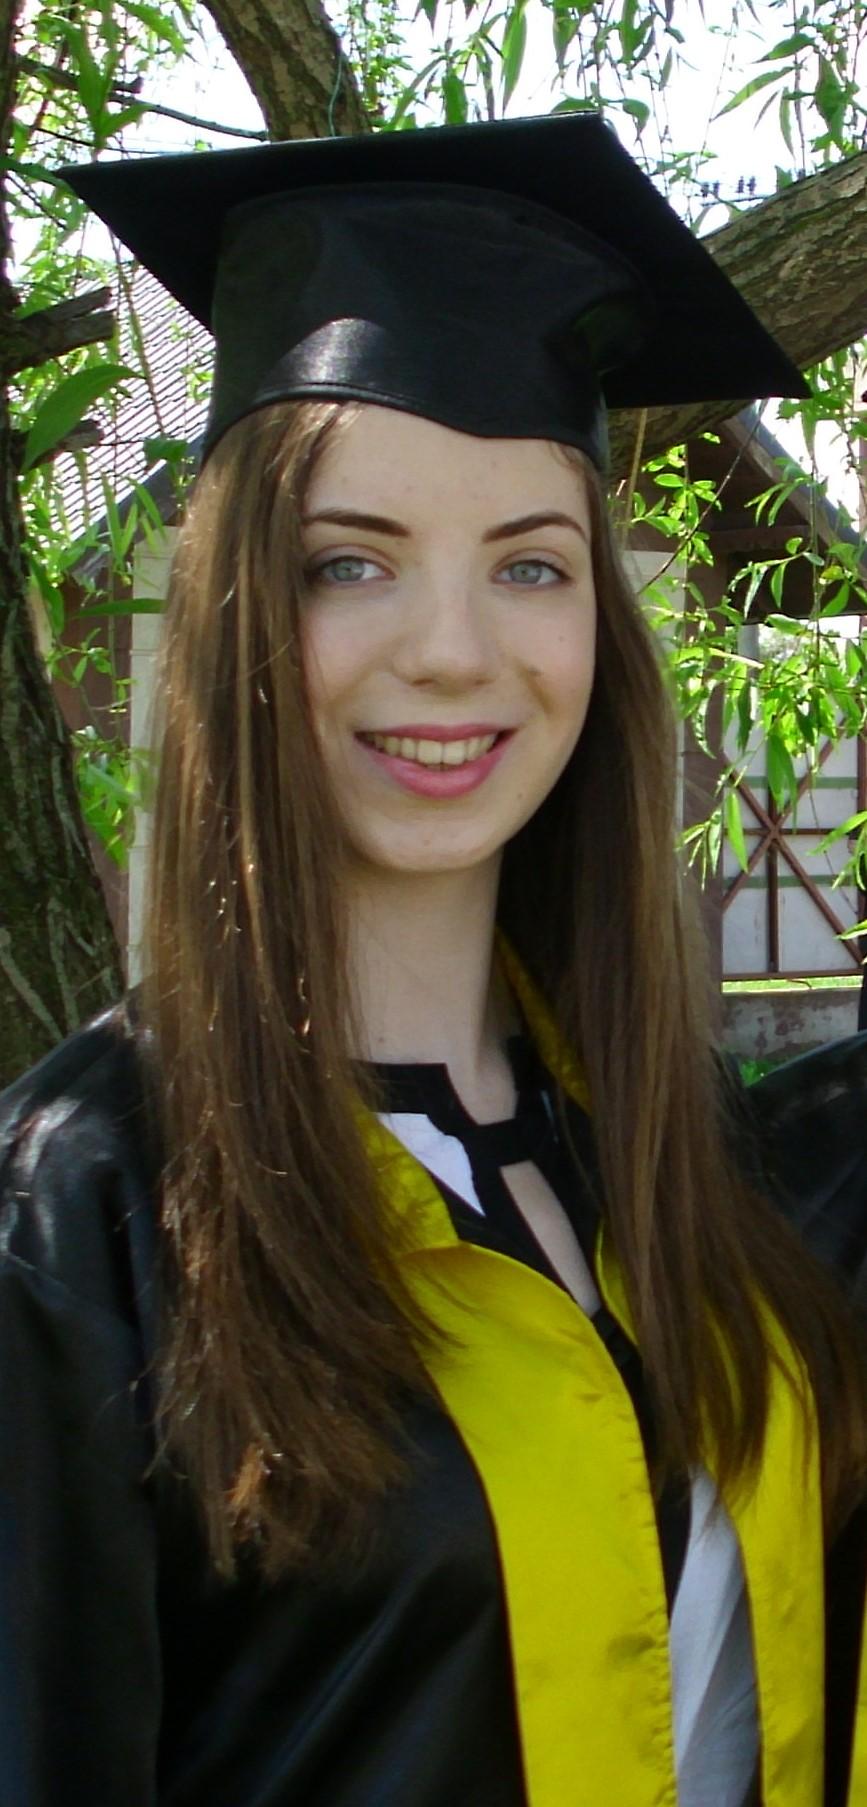 Drumul unei tinere românce spre Oxford sau cum îți poate influența viitorul pasiunea pentru limba engleză